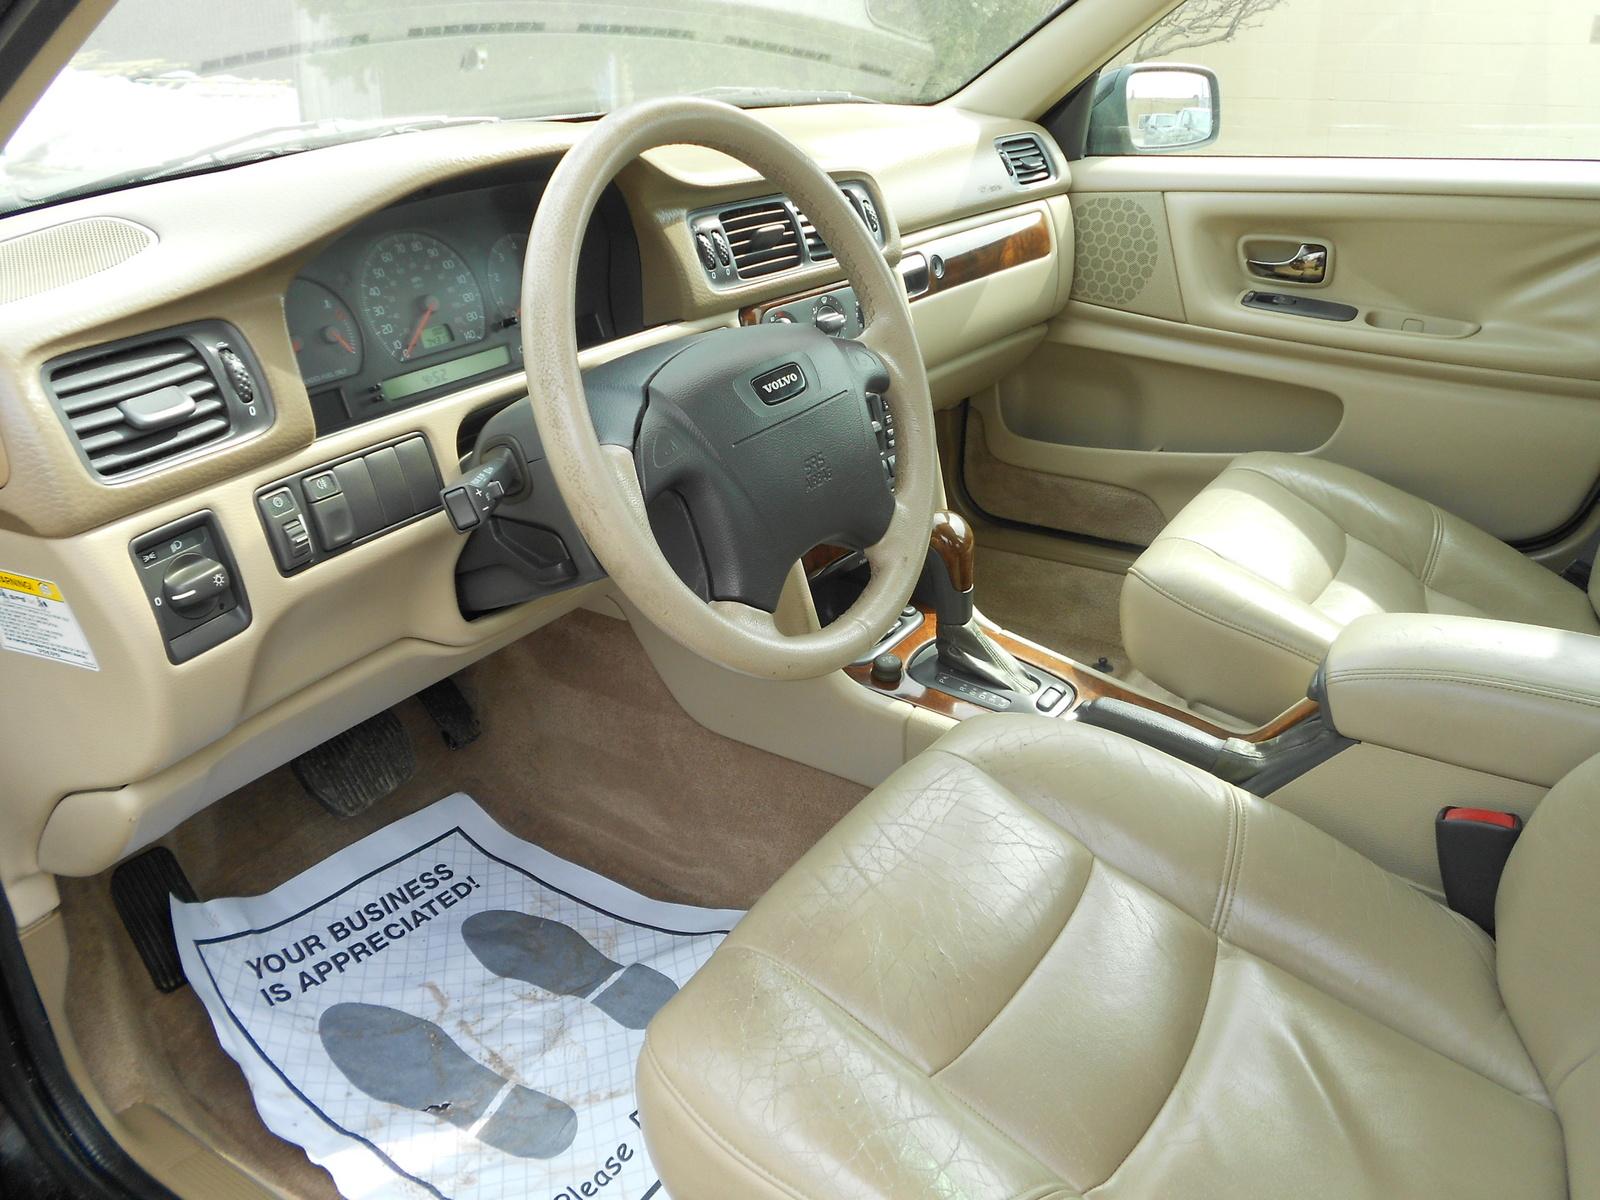 1998 Volvo S70 - Pictures - CarGurus